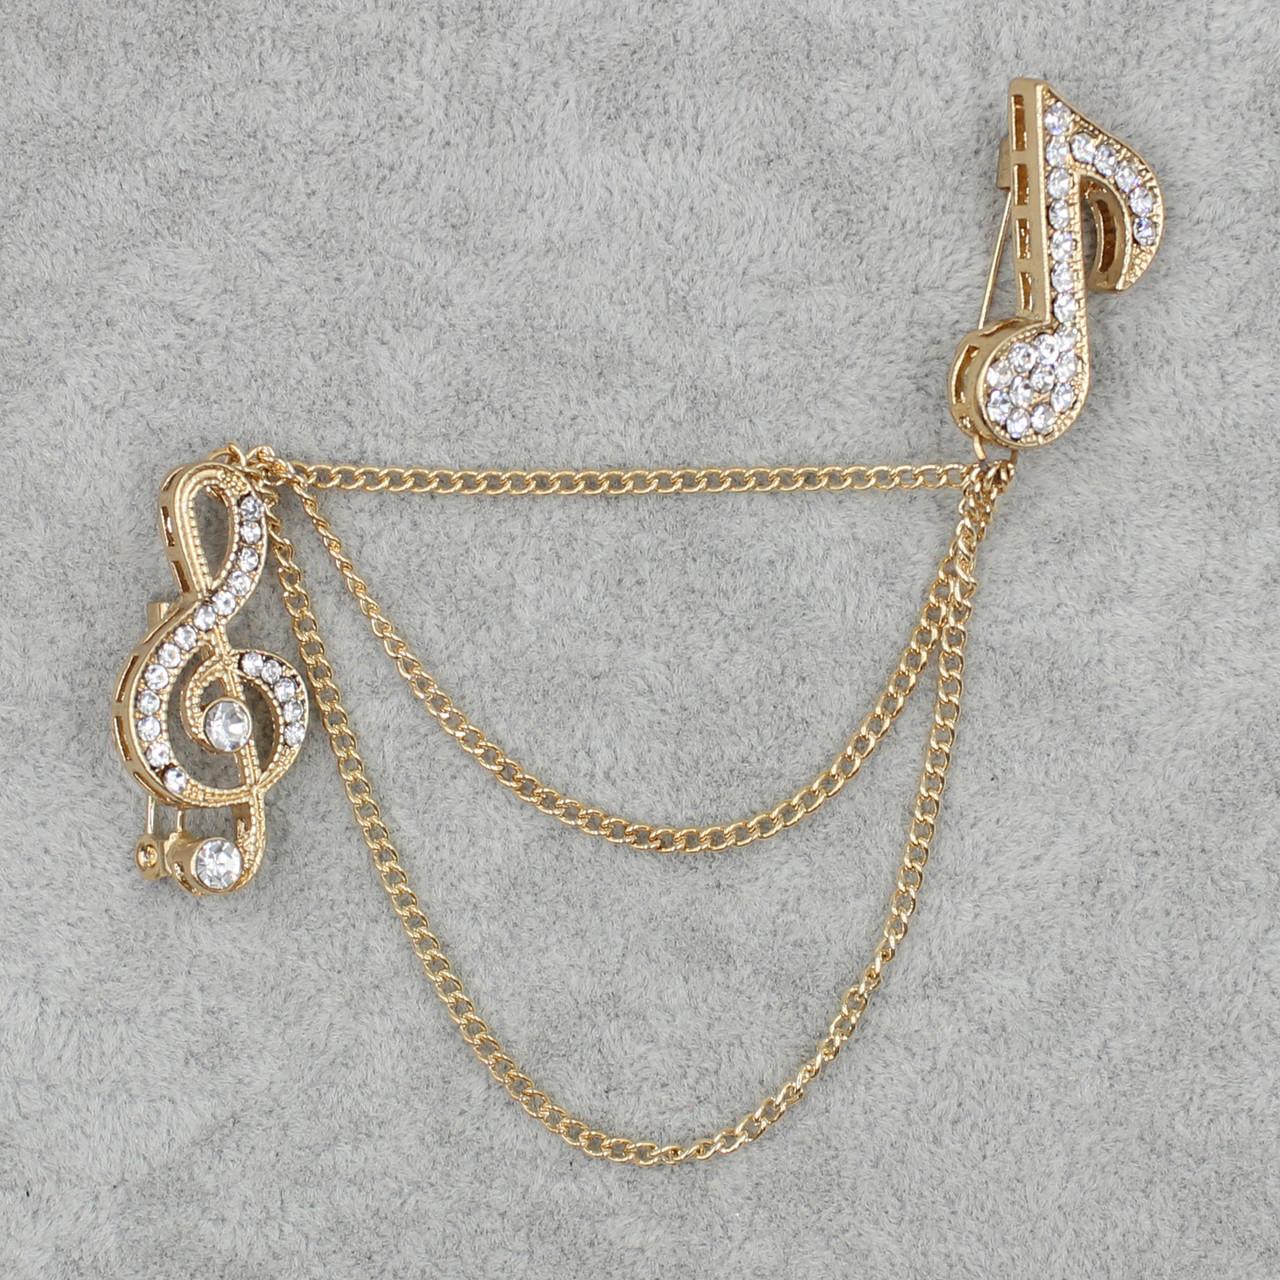 Брошь двойная Музыкальная тематика БижуМир металл золотого цвета